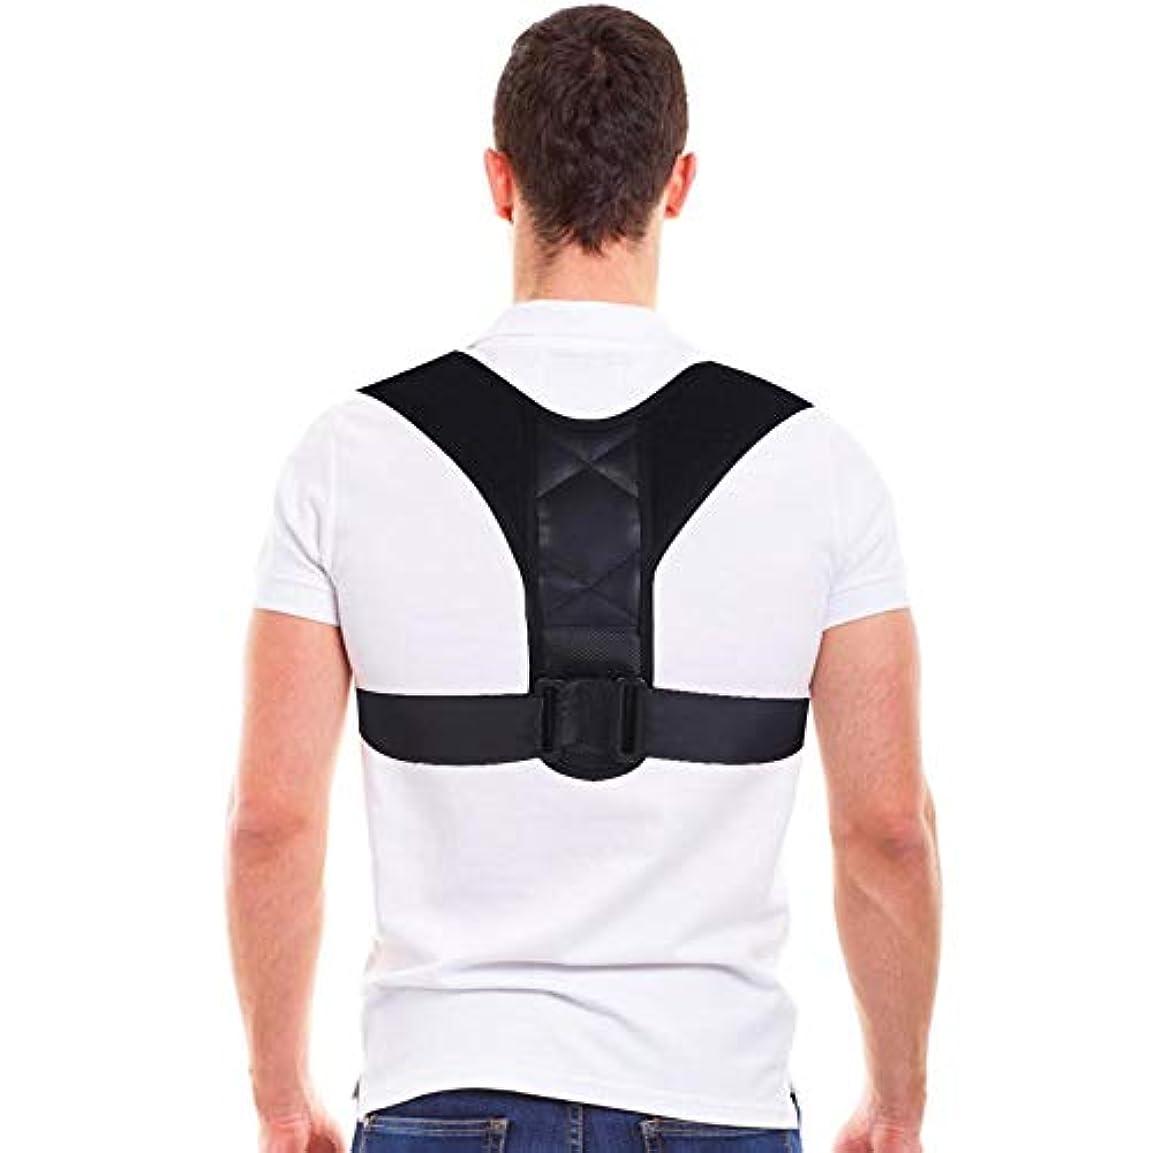 アサー高潔なインスタントコレクター姿勢バックサポートベルト、8字型デザインの調節可能な鎖骨装具バンド、男性と女性の姿勢、腰痛予防、腰痛予防